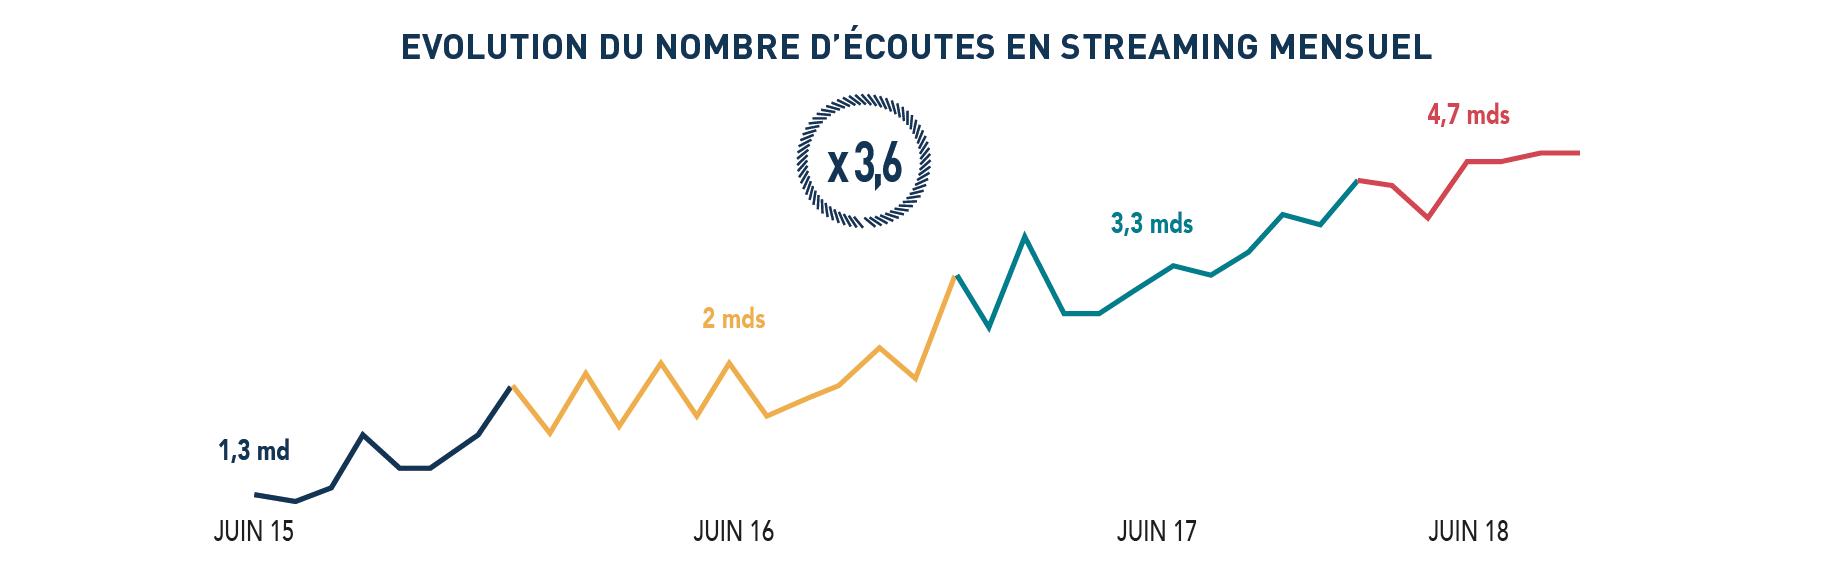 Le volume des écoutes mensuelles en streaming a plus que triplé entre juin 2015 et juin 2018 - Source GFK